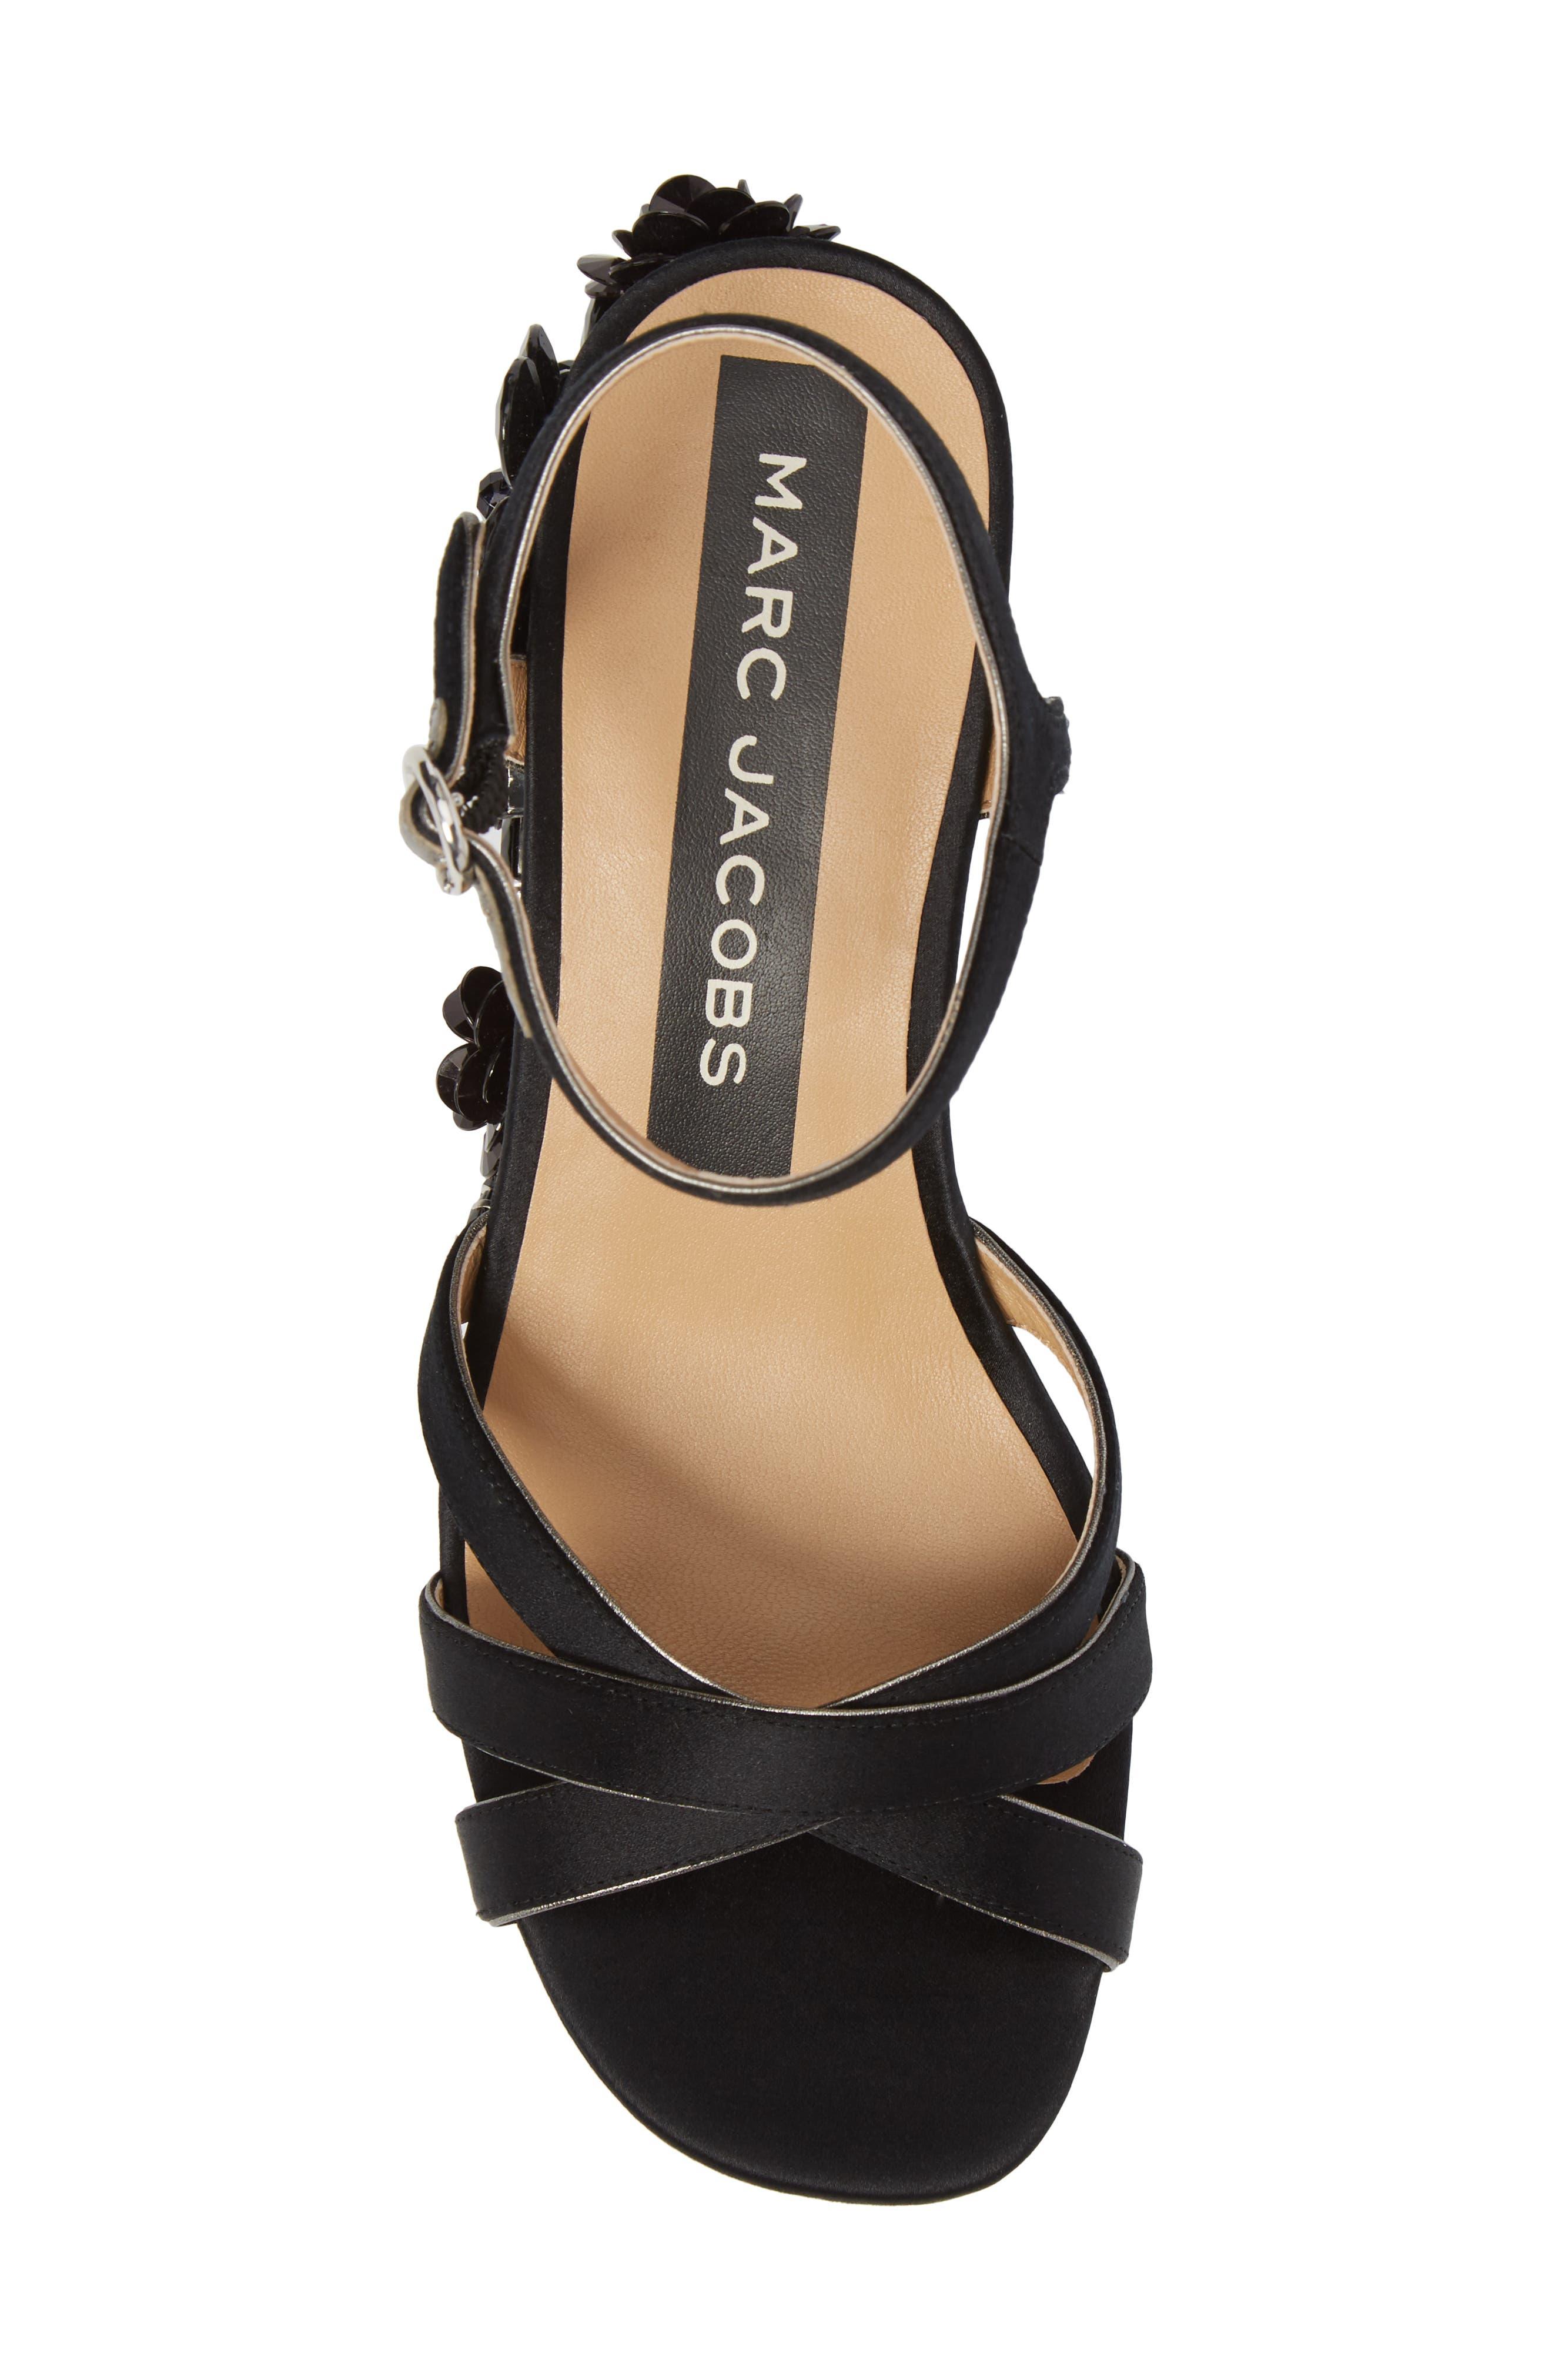 Callie Embellished Platform Sandal,                             Alternate thumbnail 5, color,                             Black